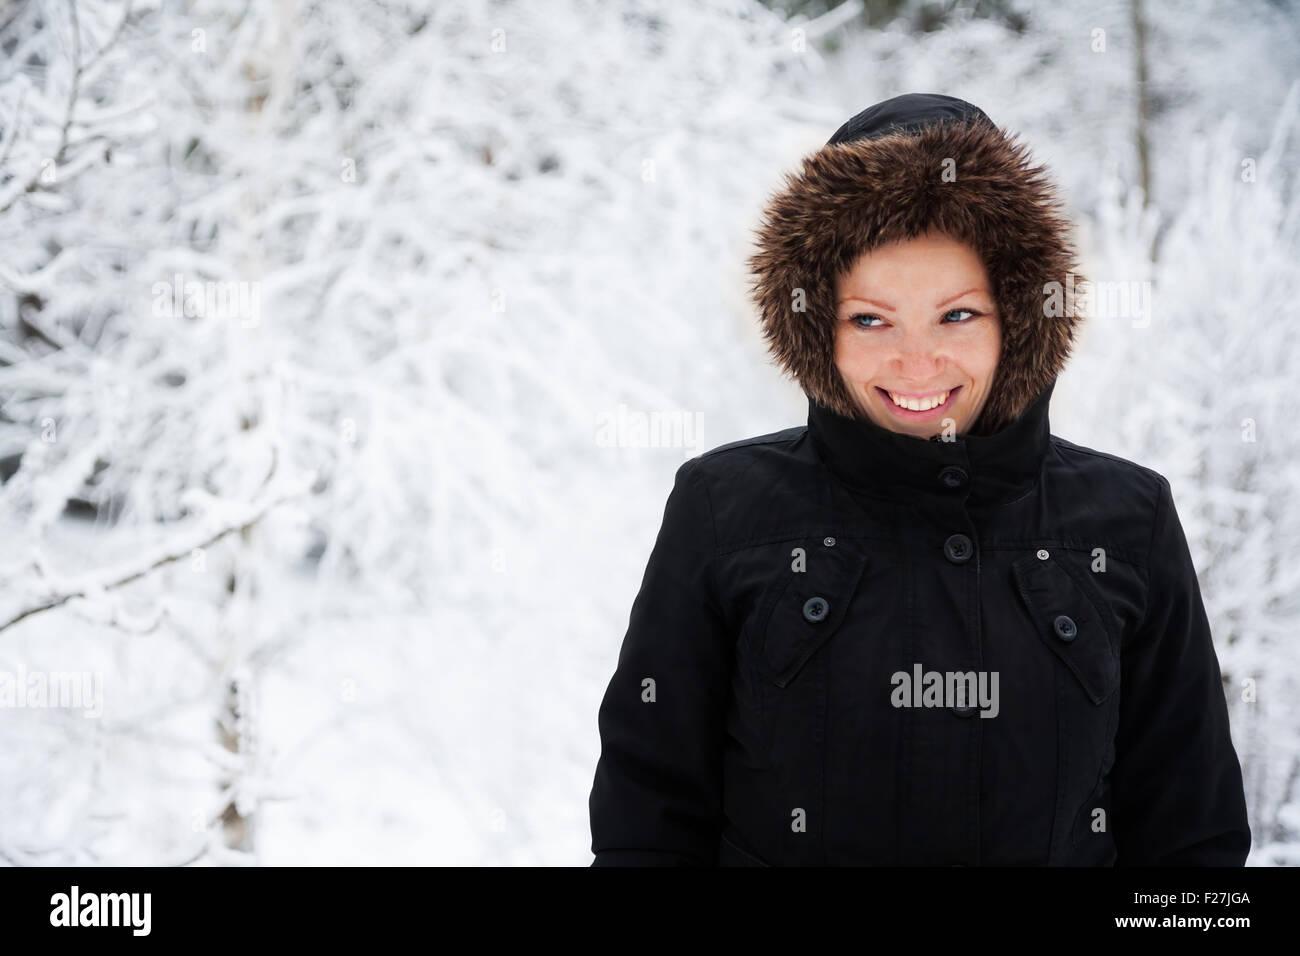 Fröhliche kaukasischen junge Frau im verschneiten Wetter im Park mit schneebedeckten Bäumen, Textfreiraum Stockbild